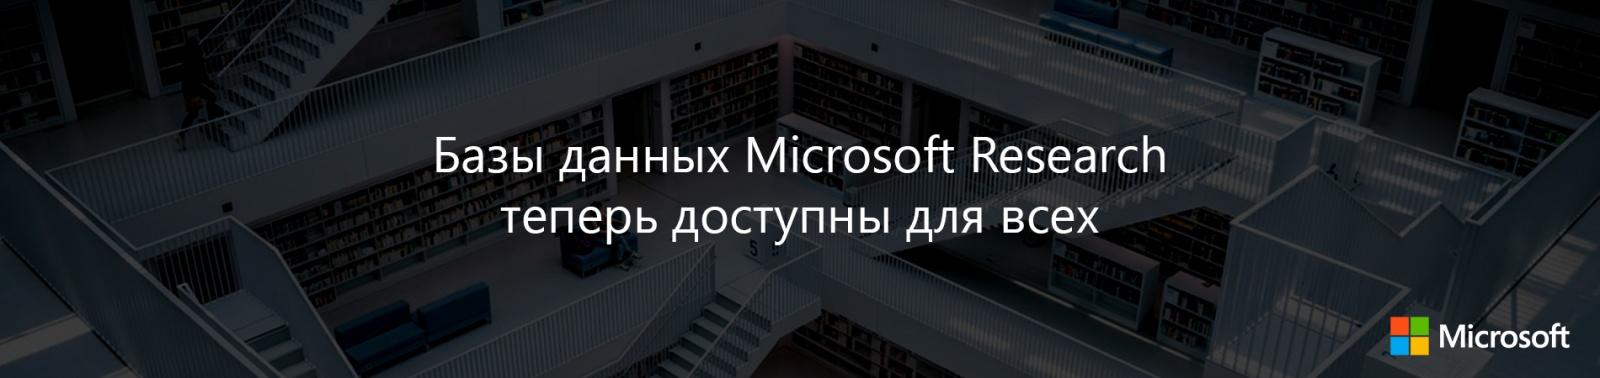 Базы данных Microsoft Research теперь доступны для всех - 1